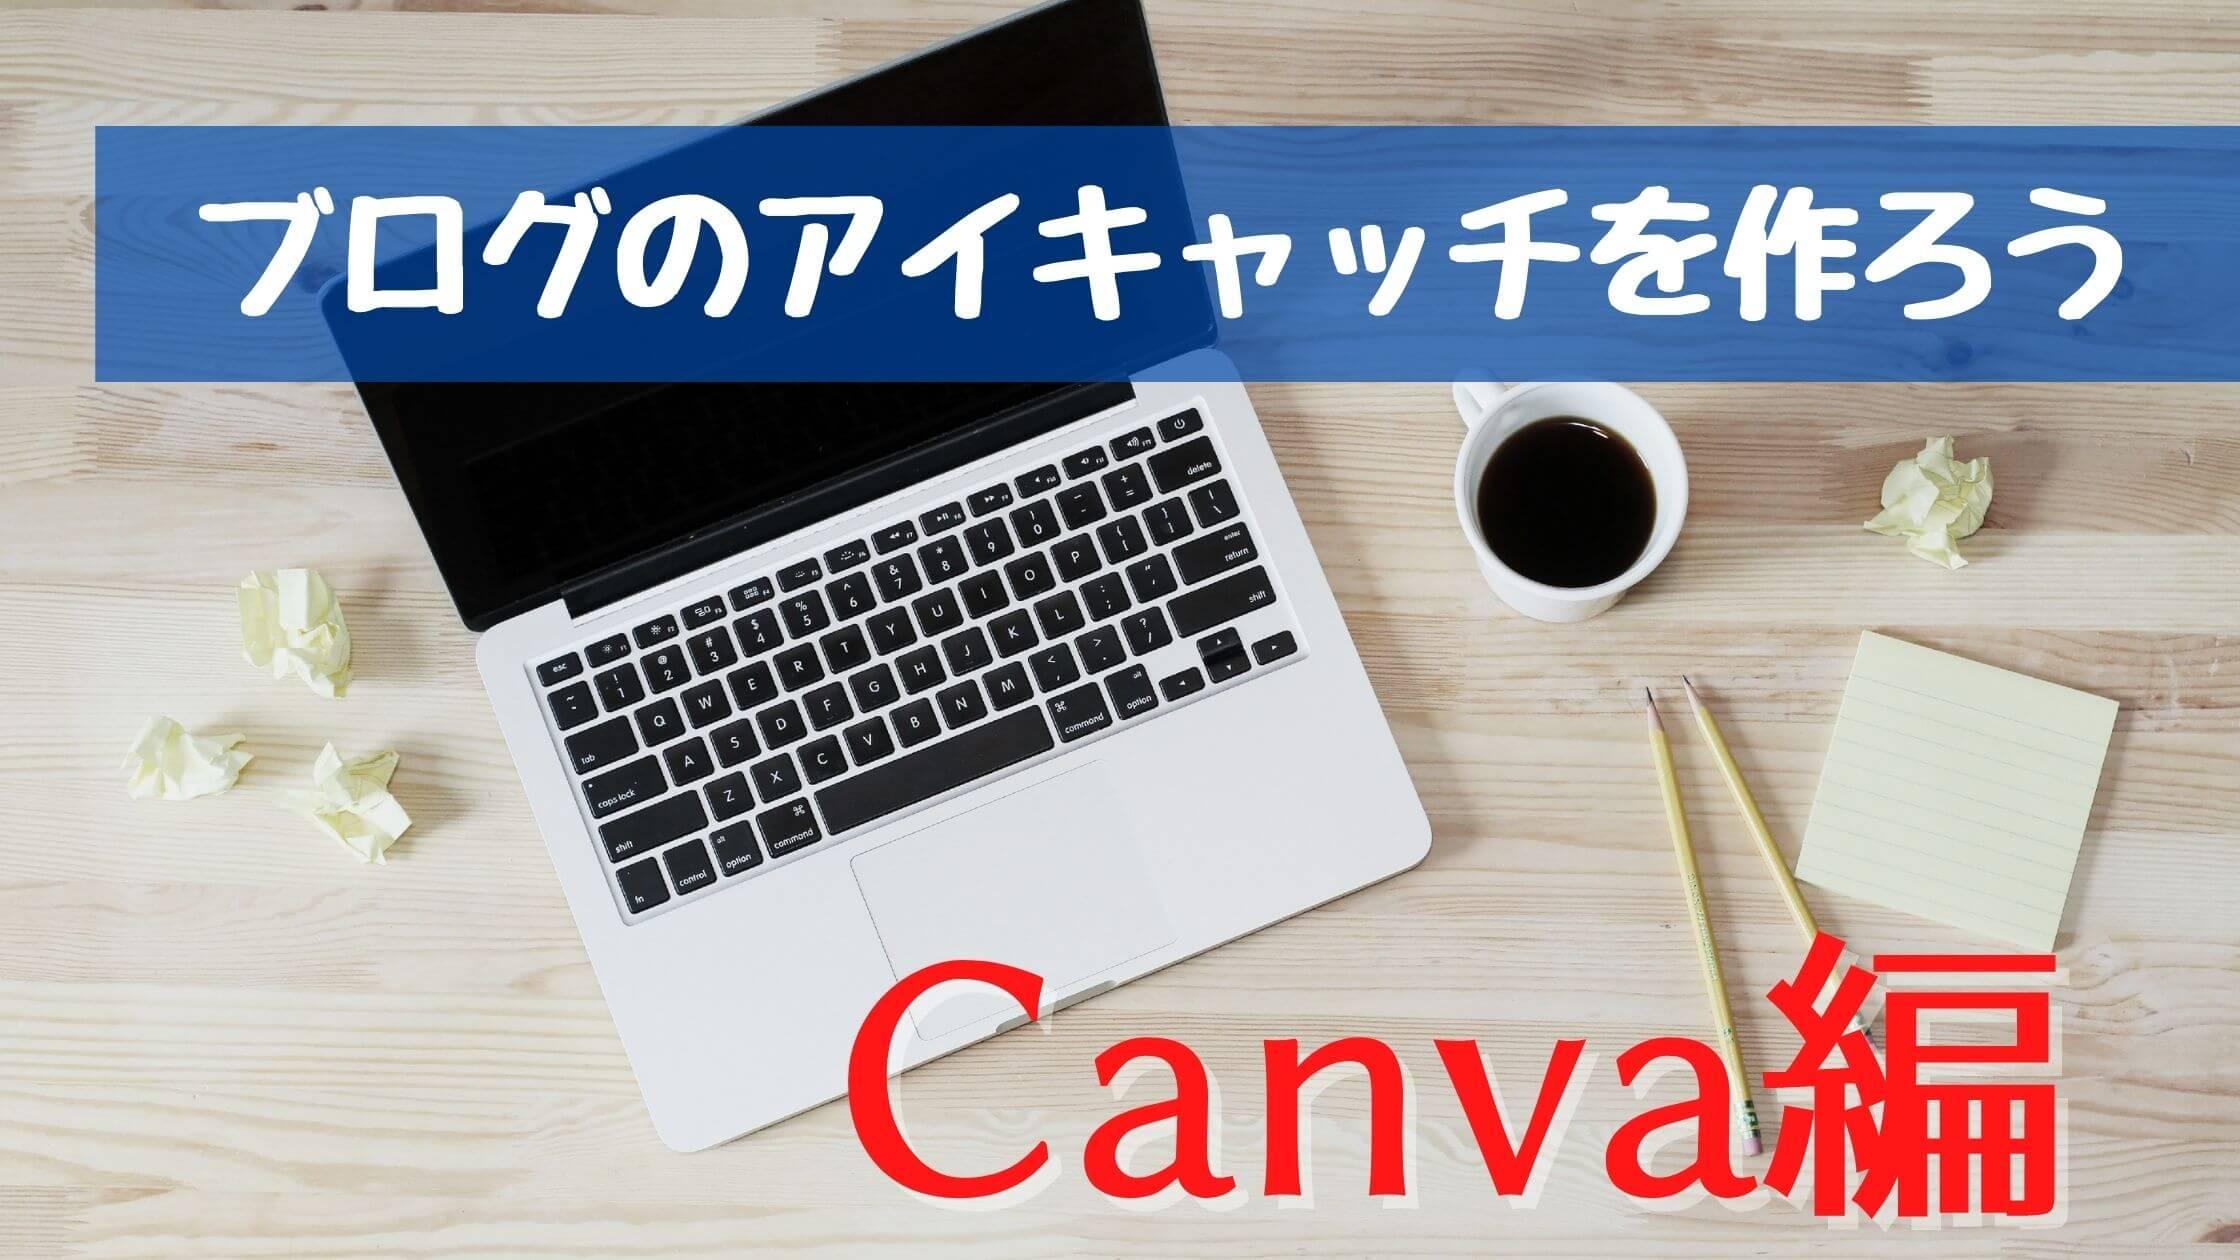 ブログのアイキャッチ作成はCanvaで劇的に効率UPしたから簡単おしゃれな使い方を紹介する